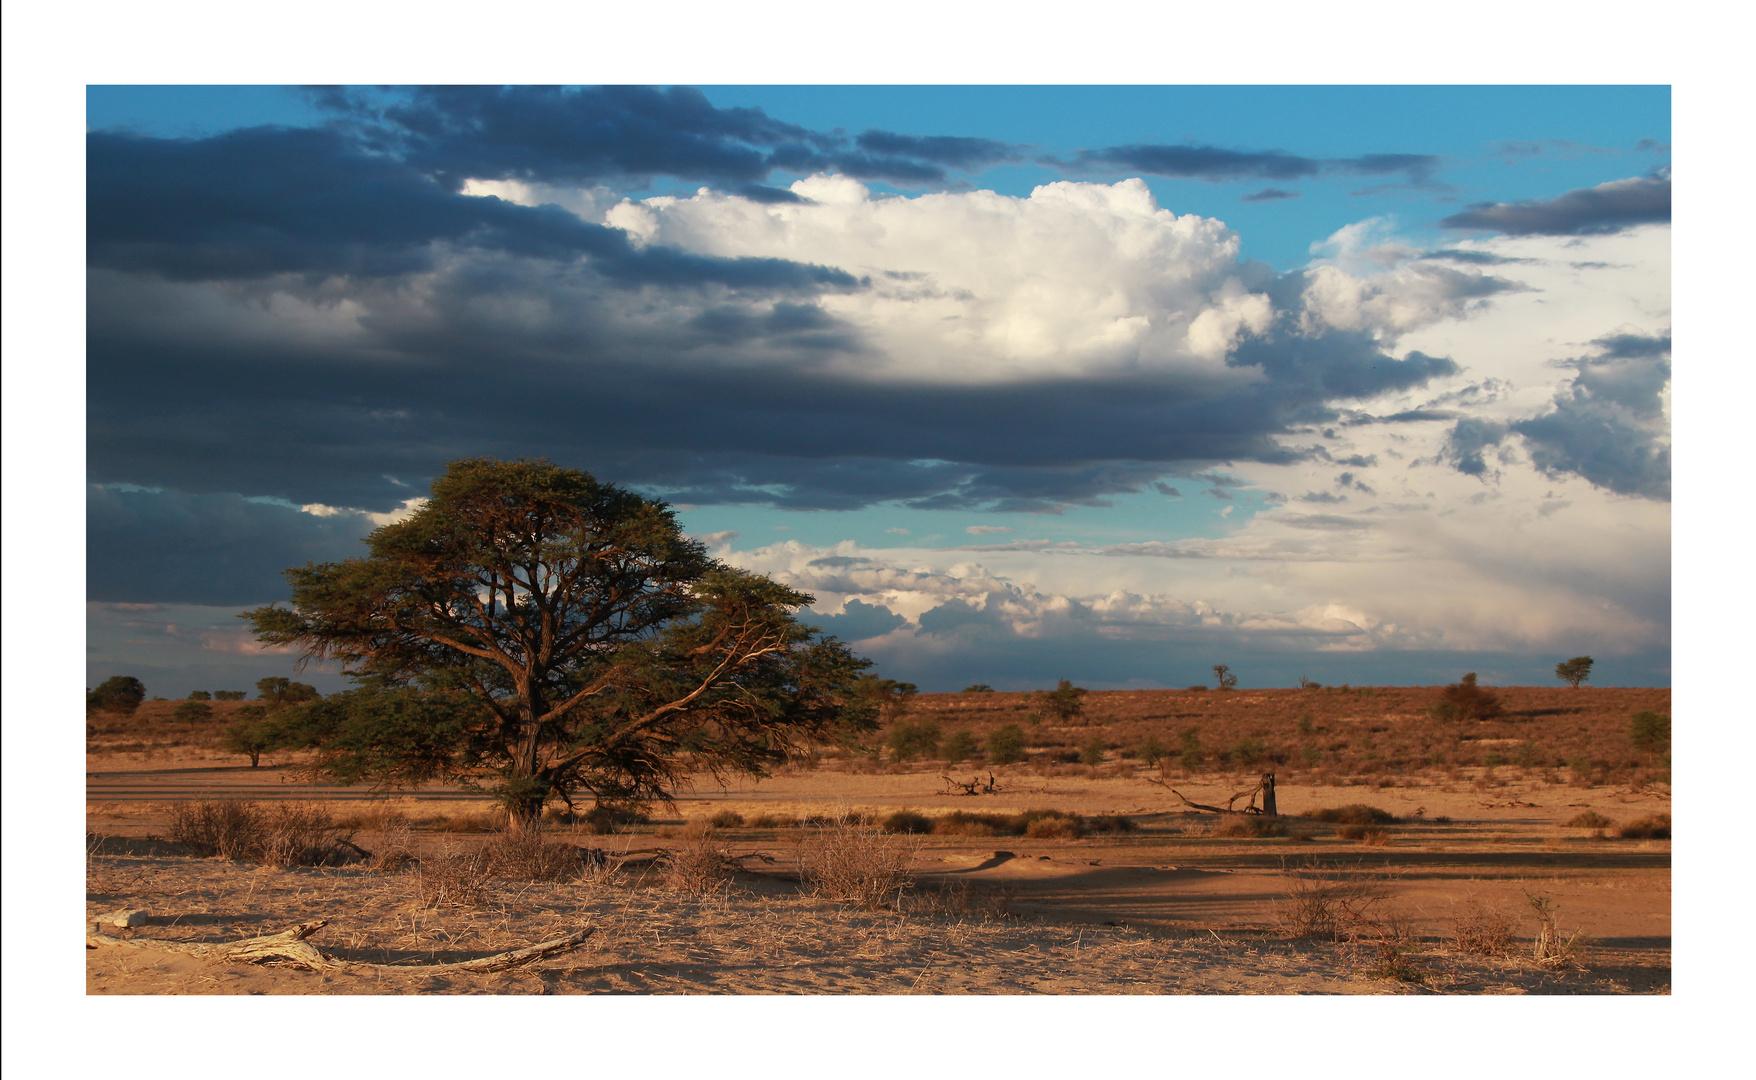 Afrika, wie ich es mag